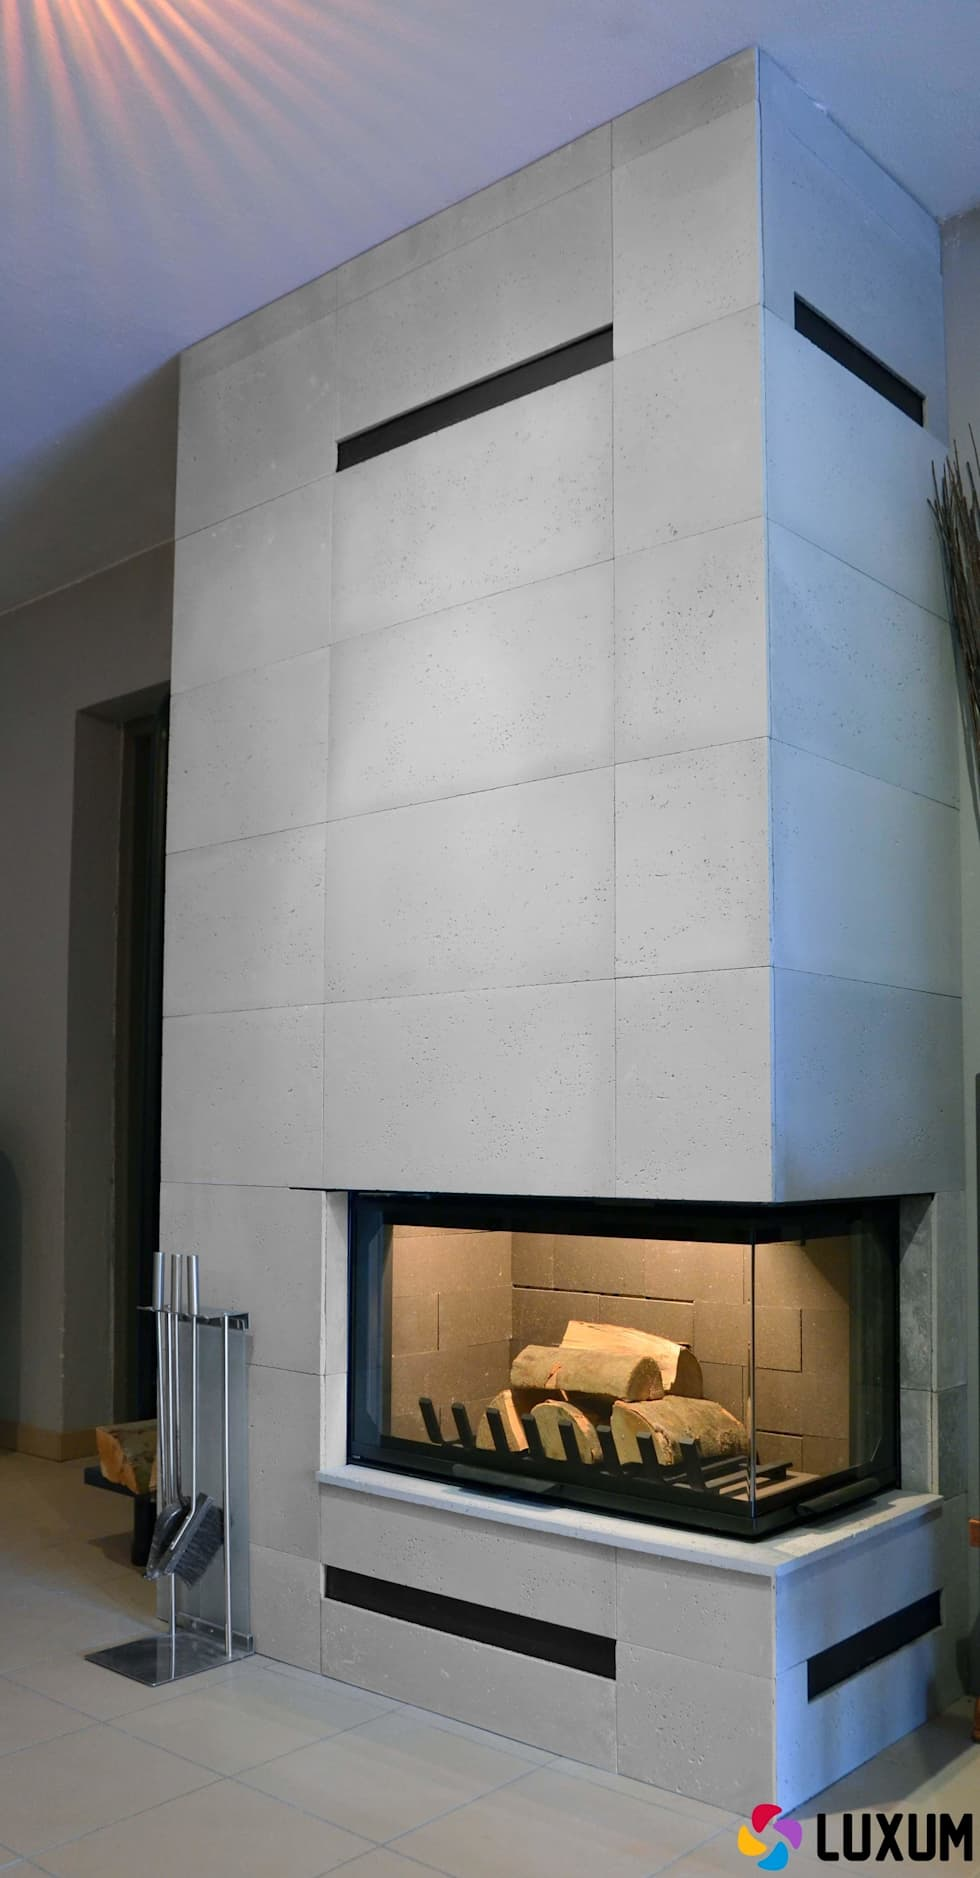 Płyty z betonu na obudowy kominków: styl , w kategorii Salon zaprojektowany przez Luxum